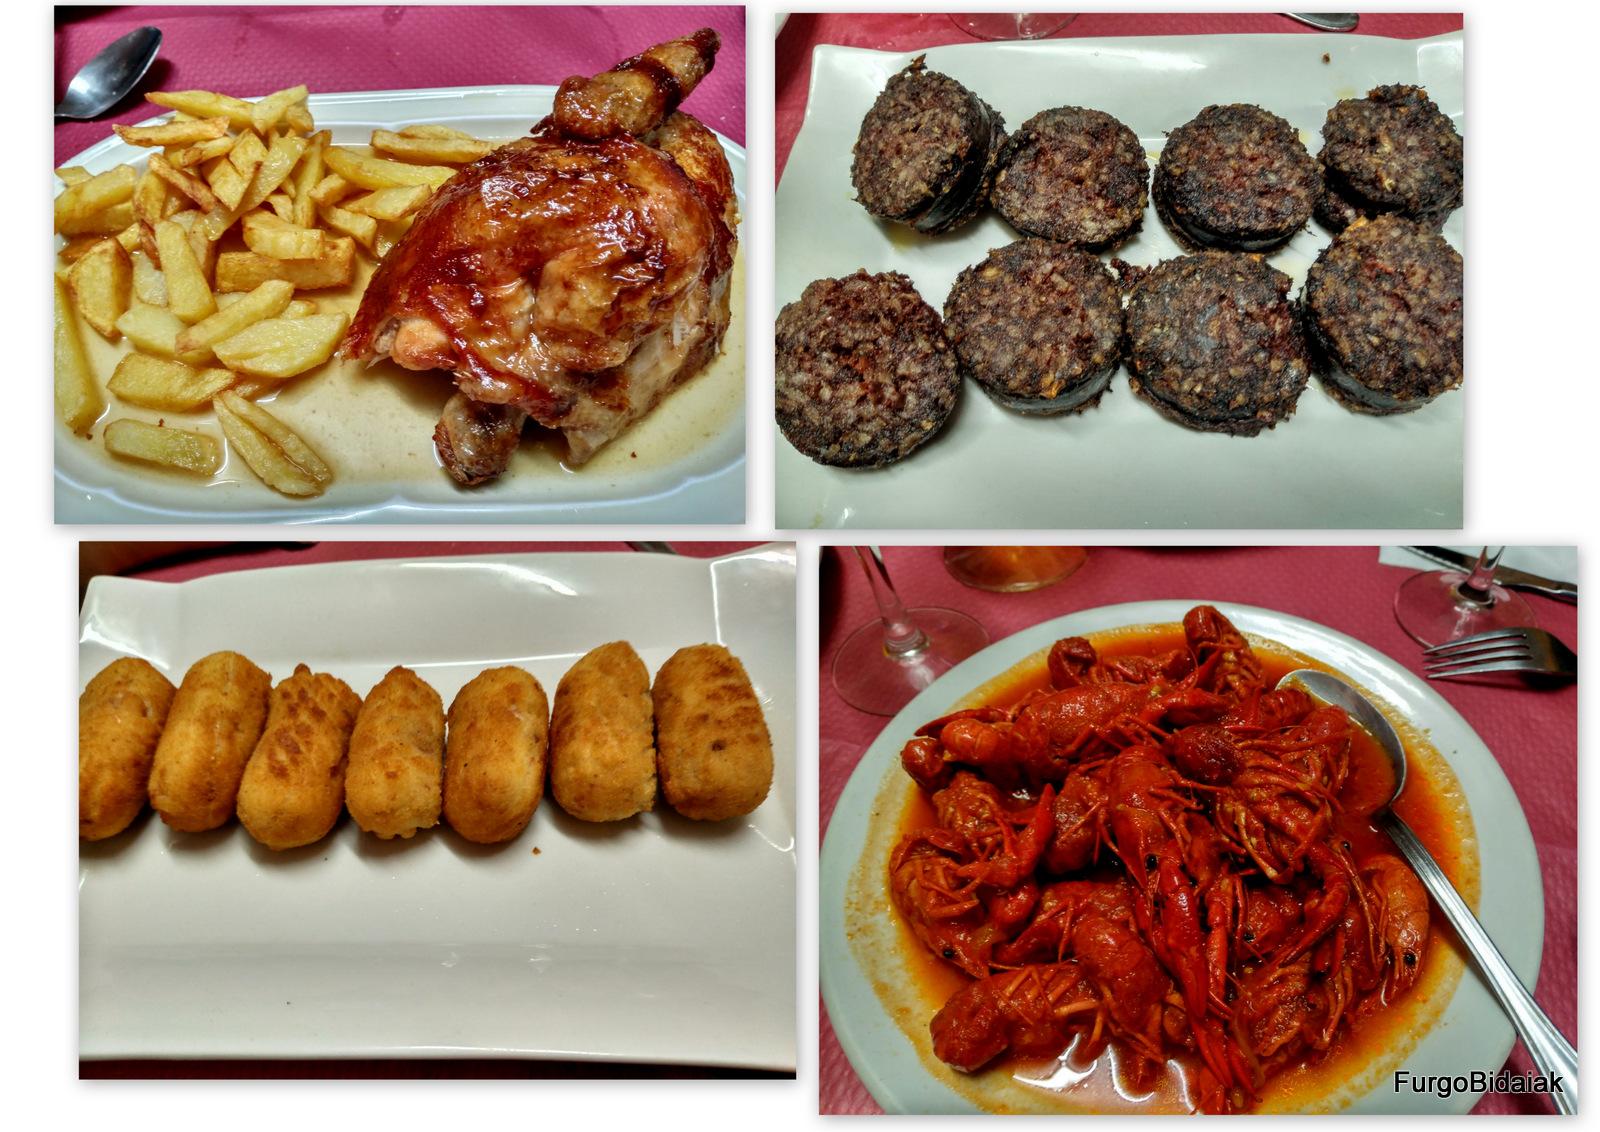 Cangrejos del bar-restaurante Pisuerga, Palencia